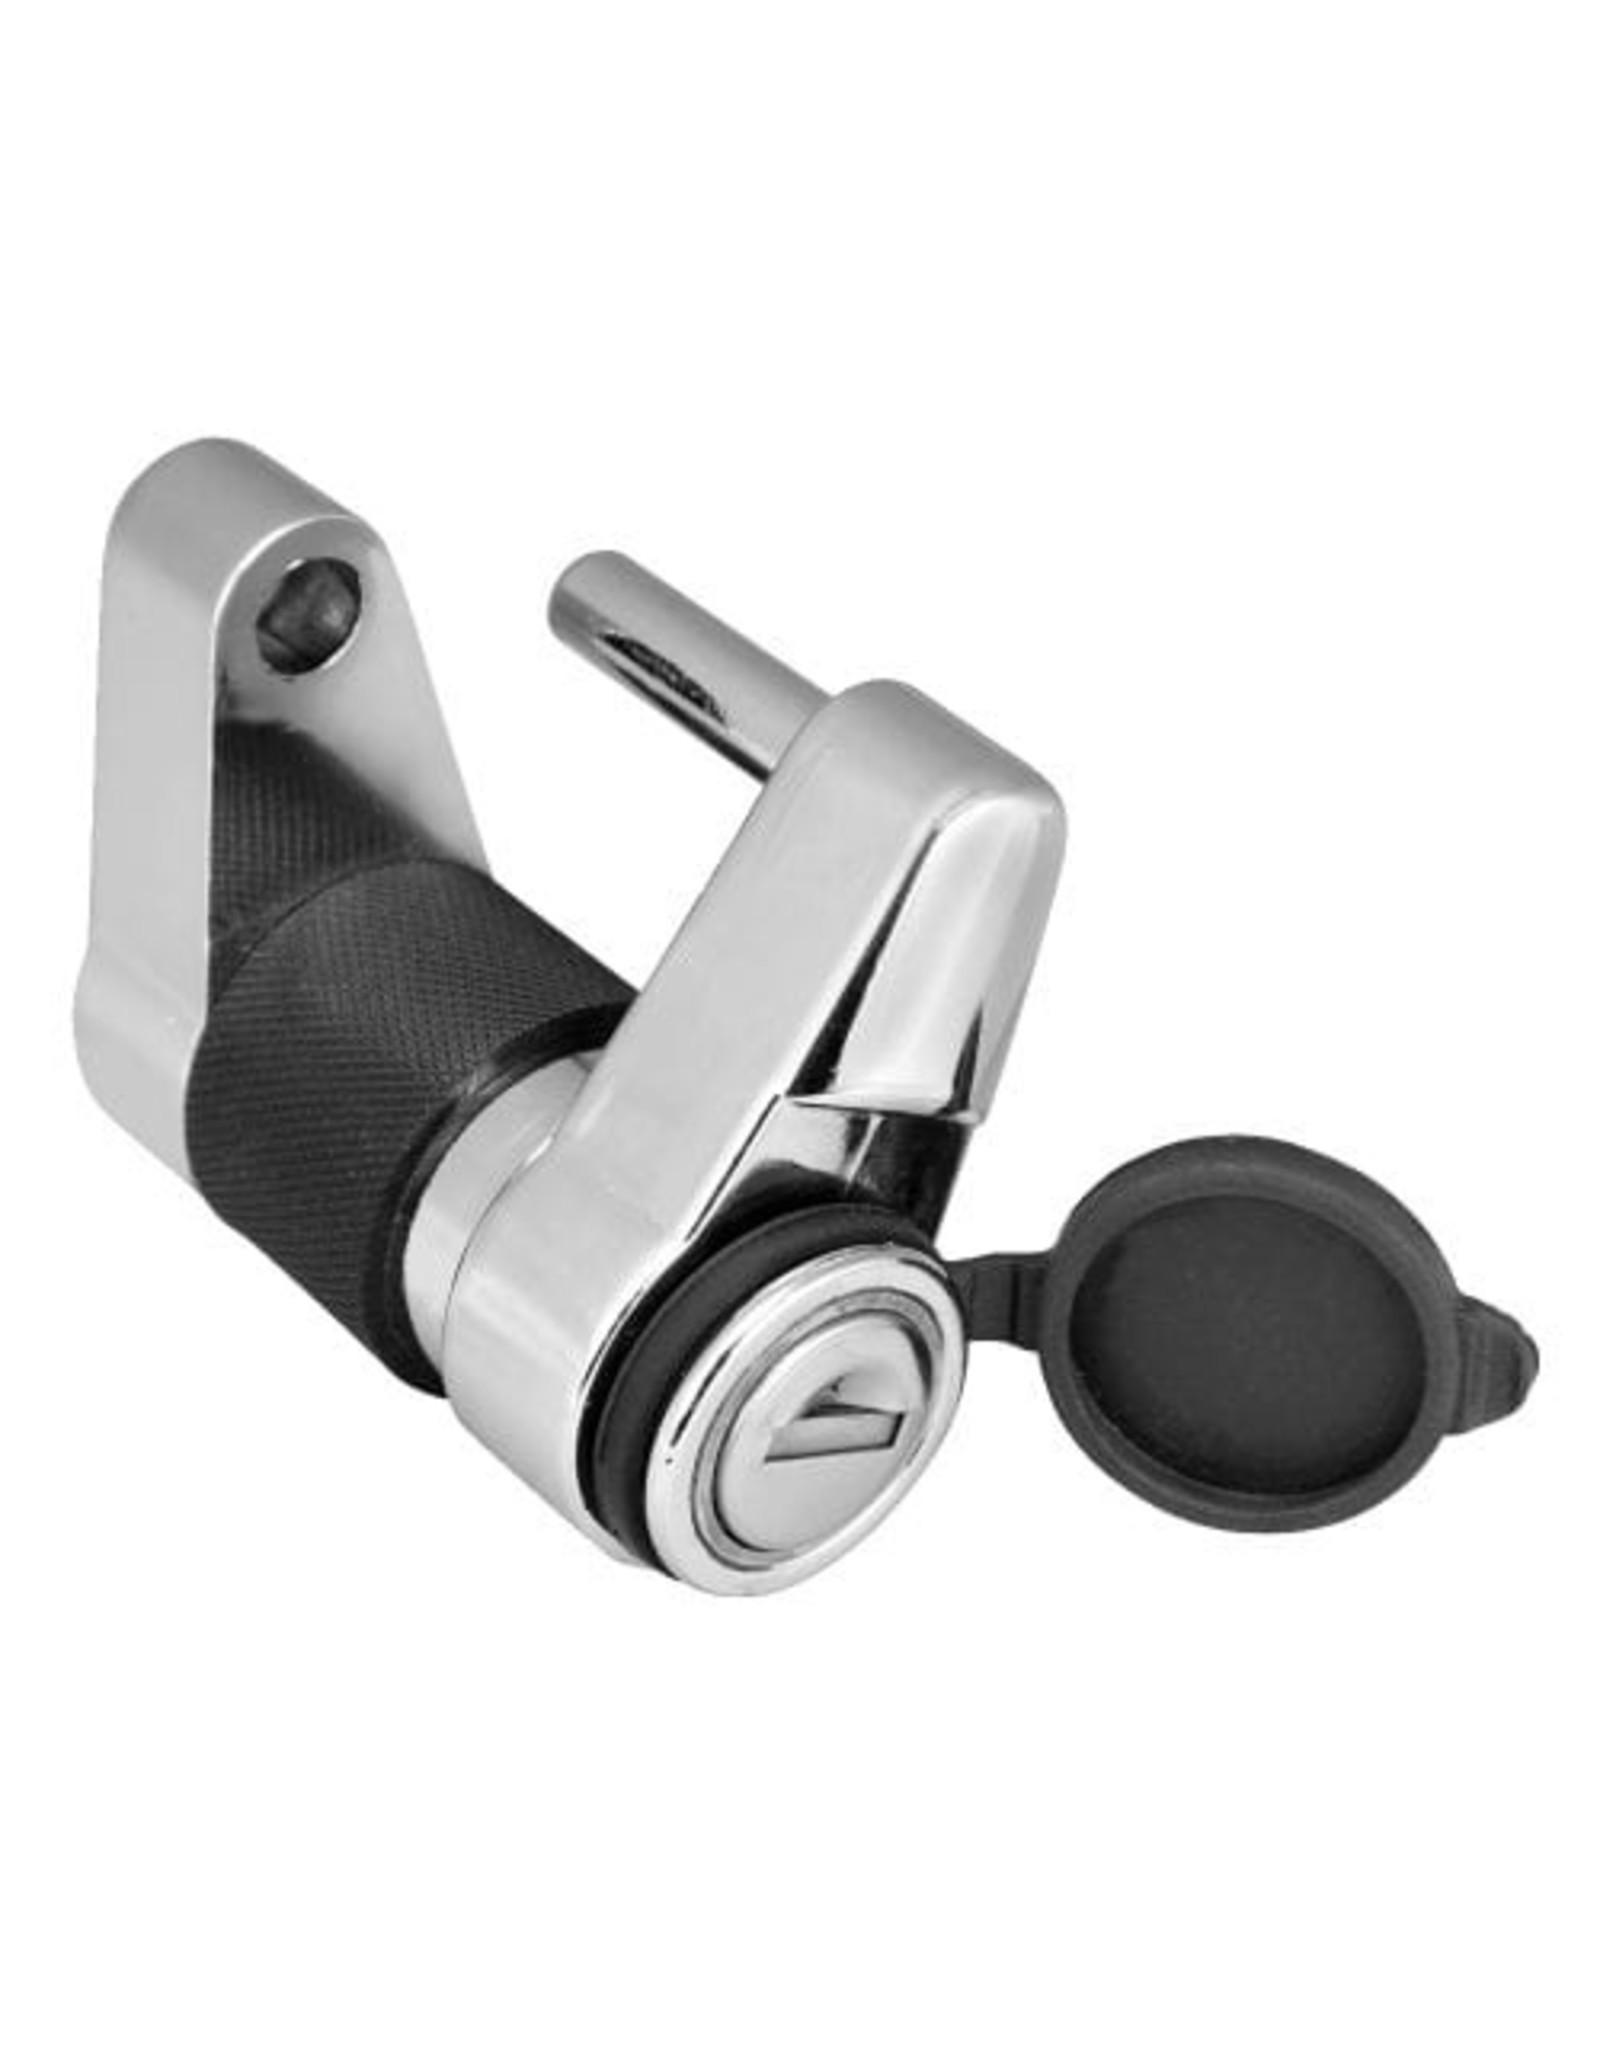 TRIMAX TMC10 Delux Lever coupler Lock Roumd Key